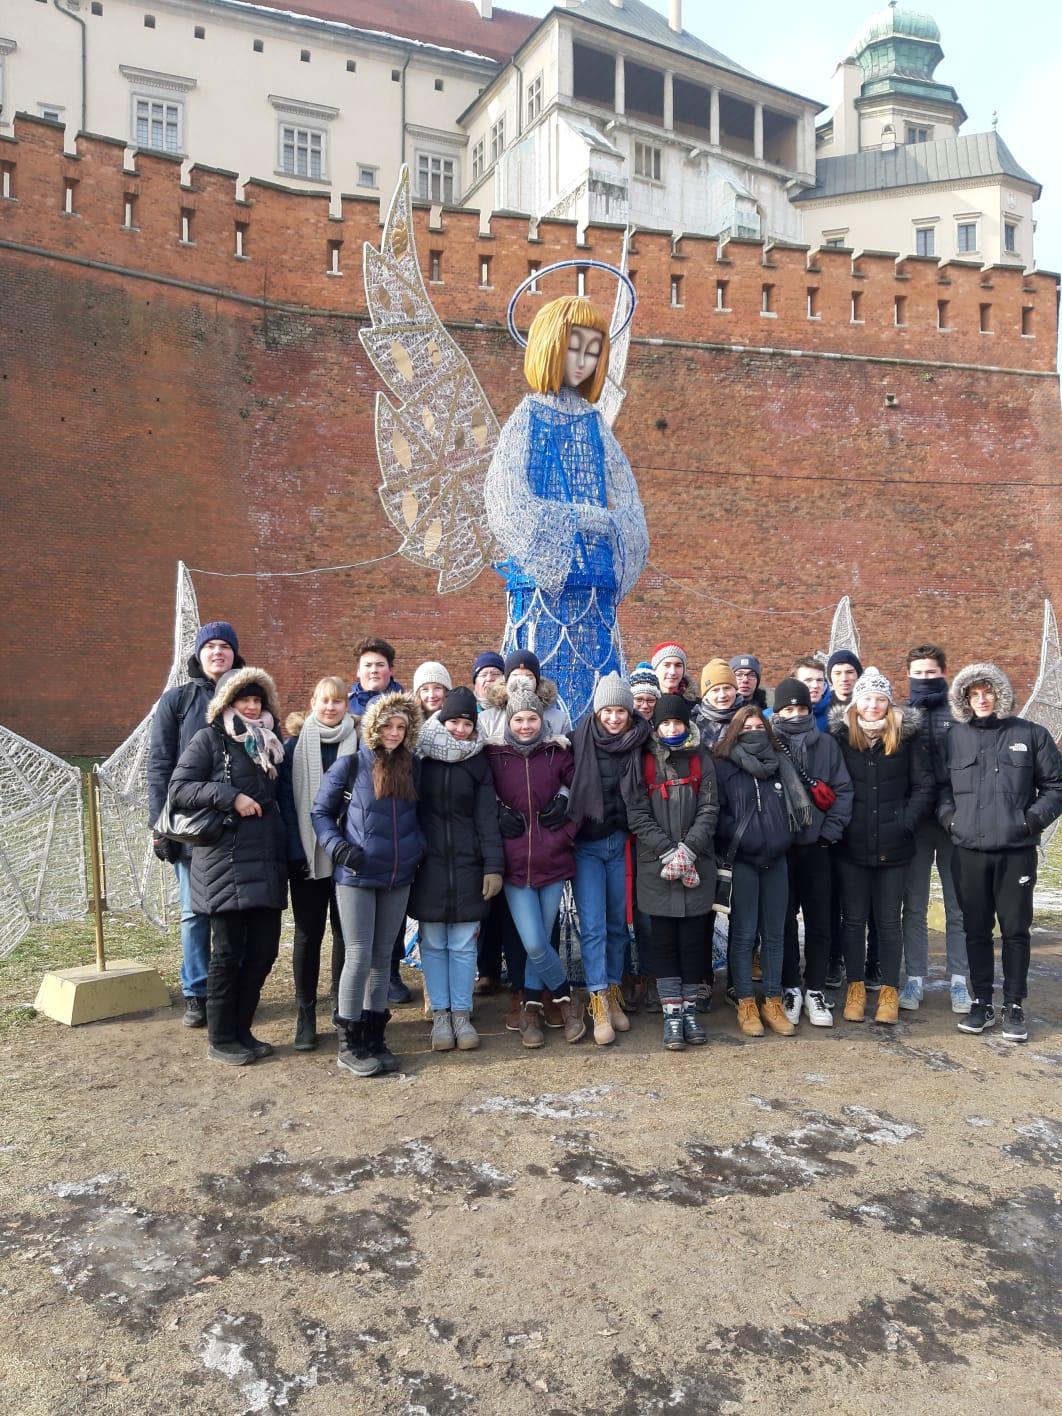 Die Gruppe bei frostigen Temperaturen am Fuße des Wawel in Krakau